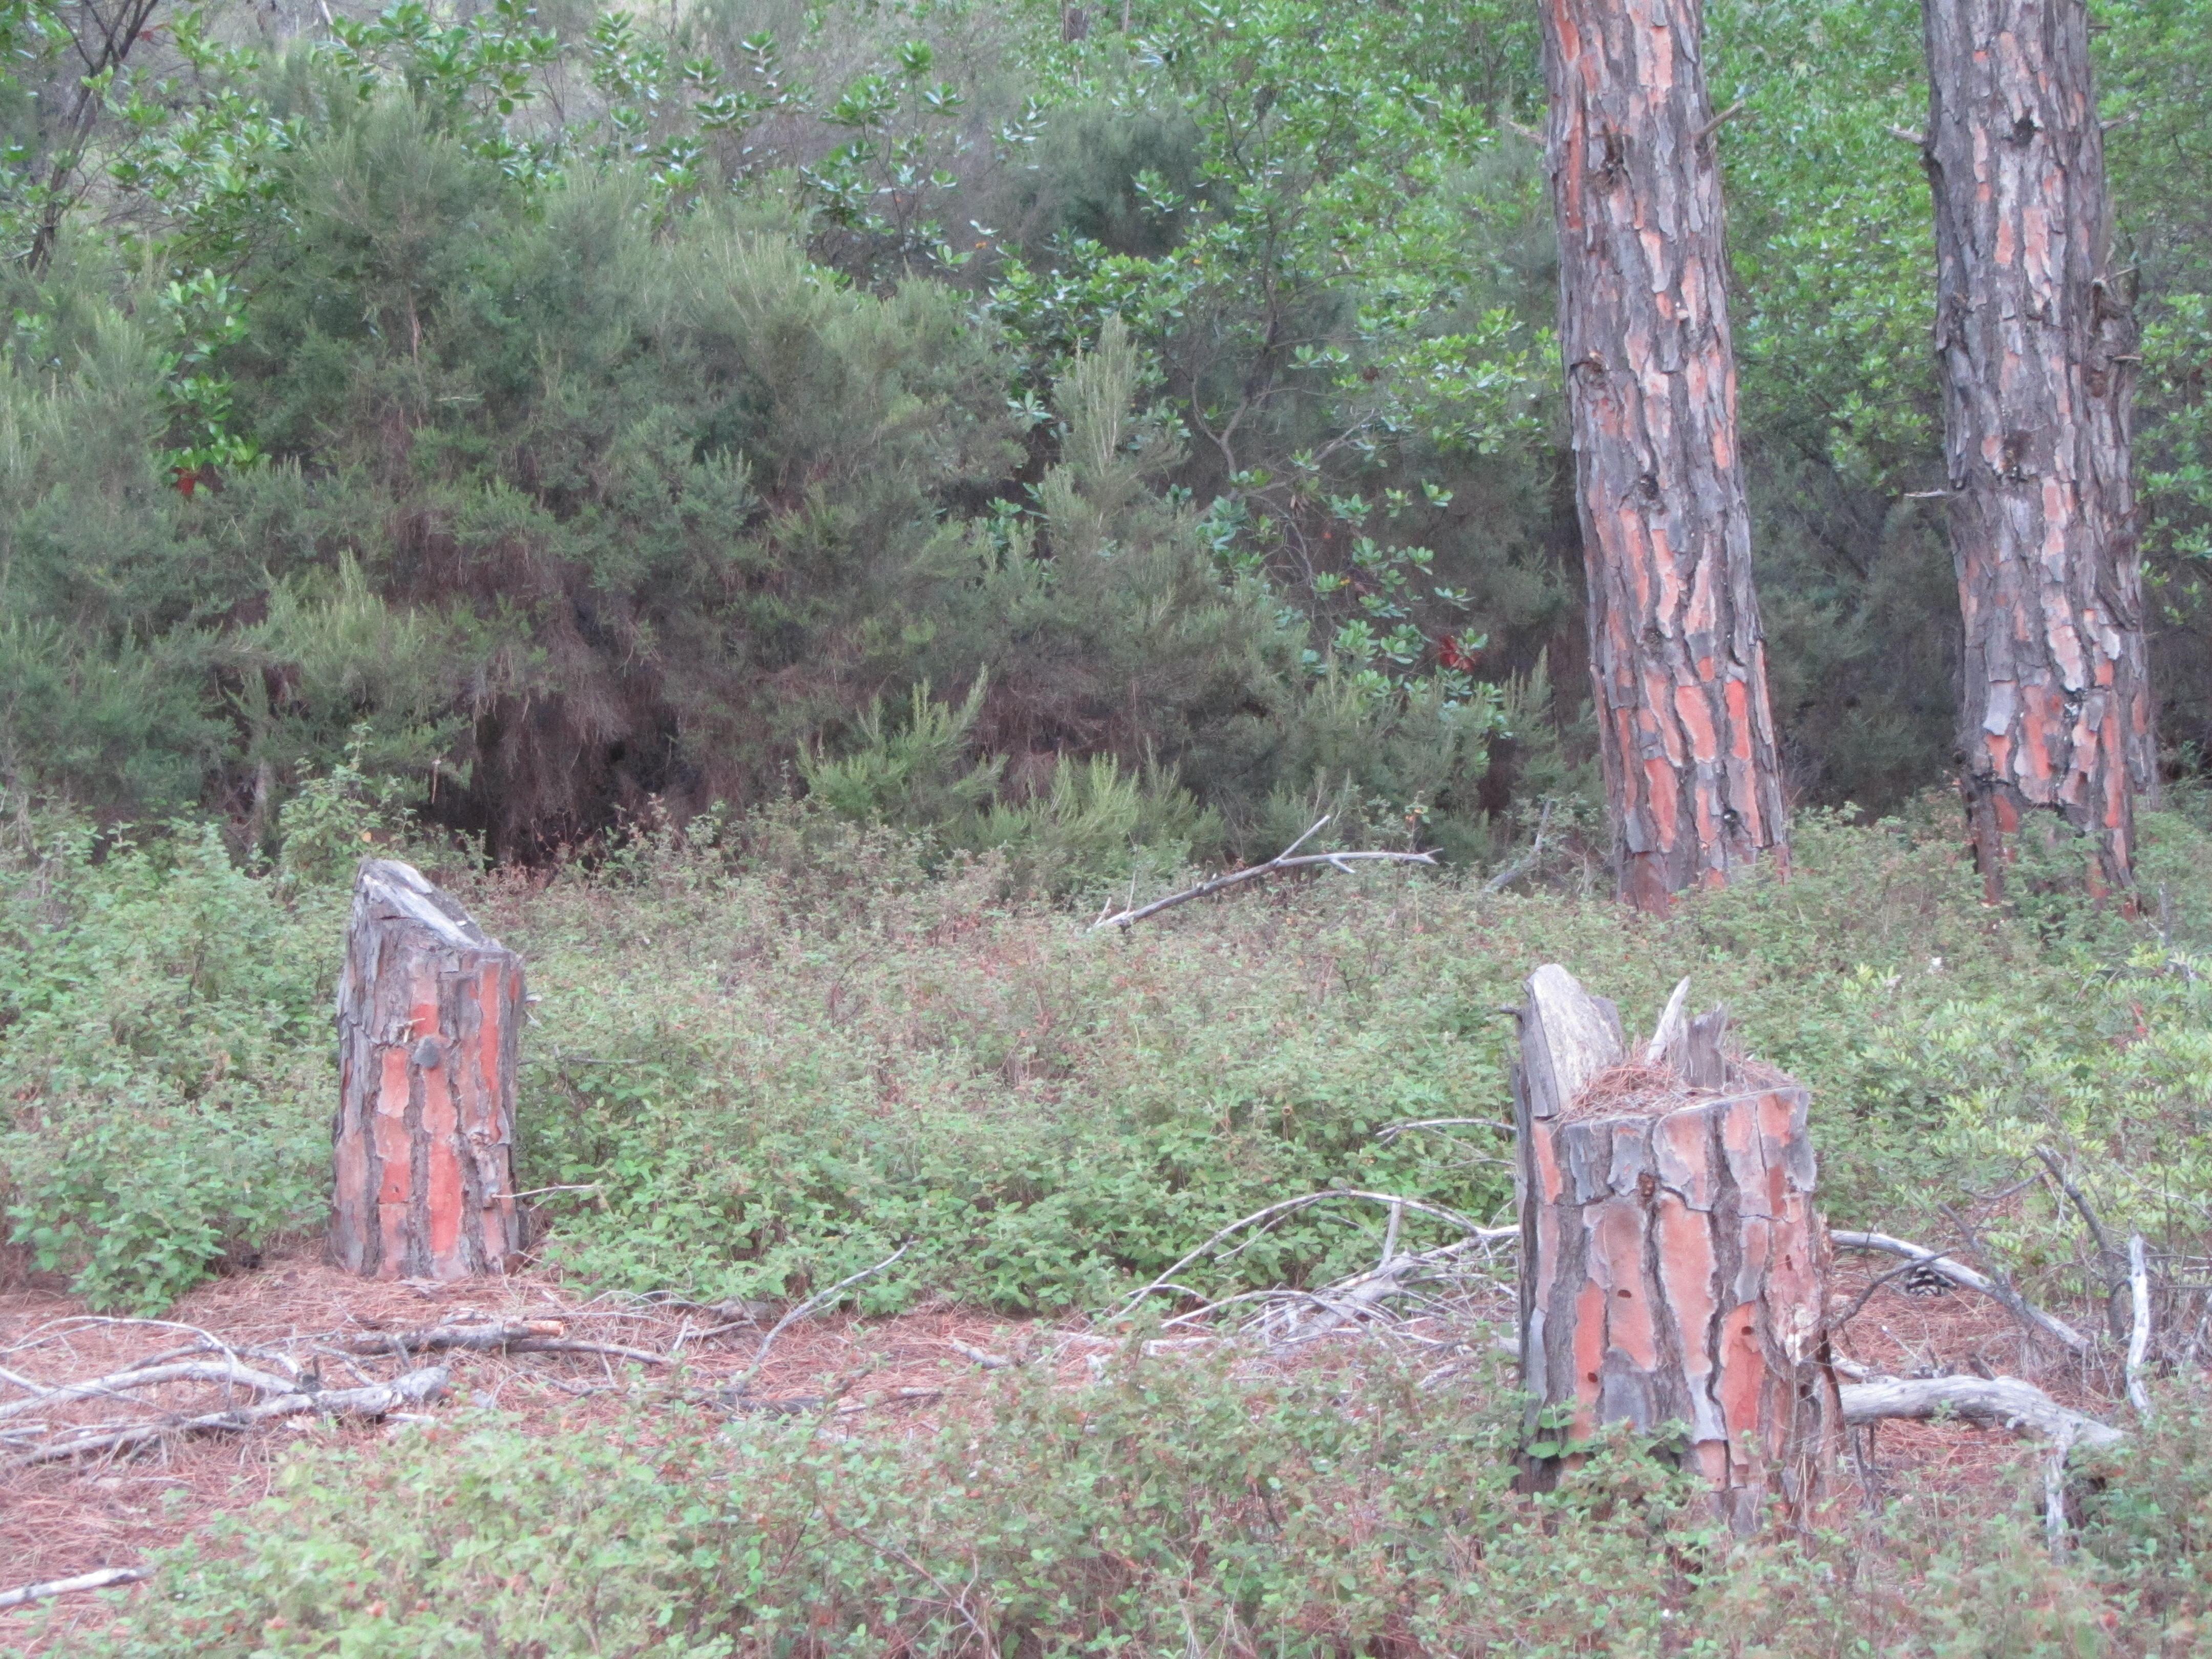 Περιφρούρηση των δασικών περιοχών της Σκιάθου